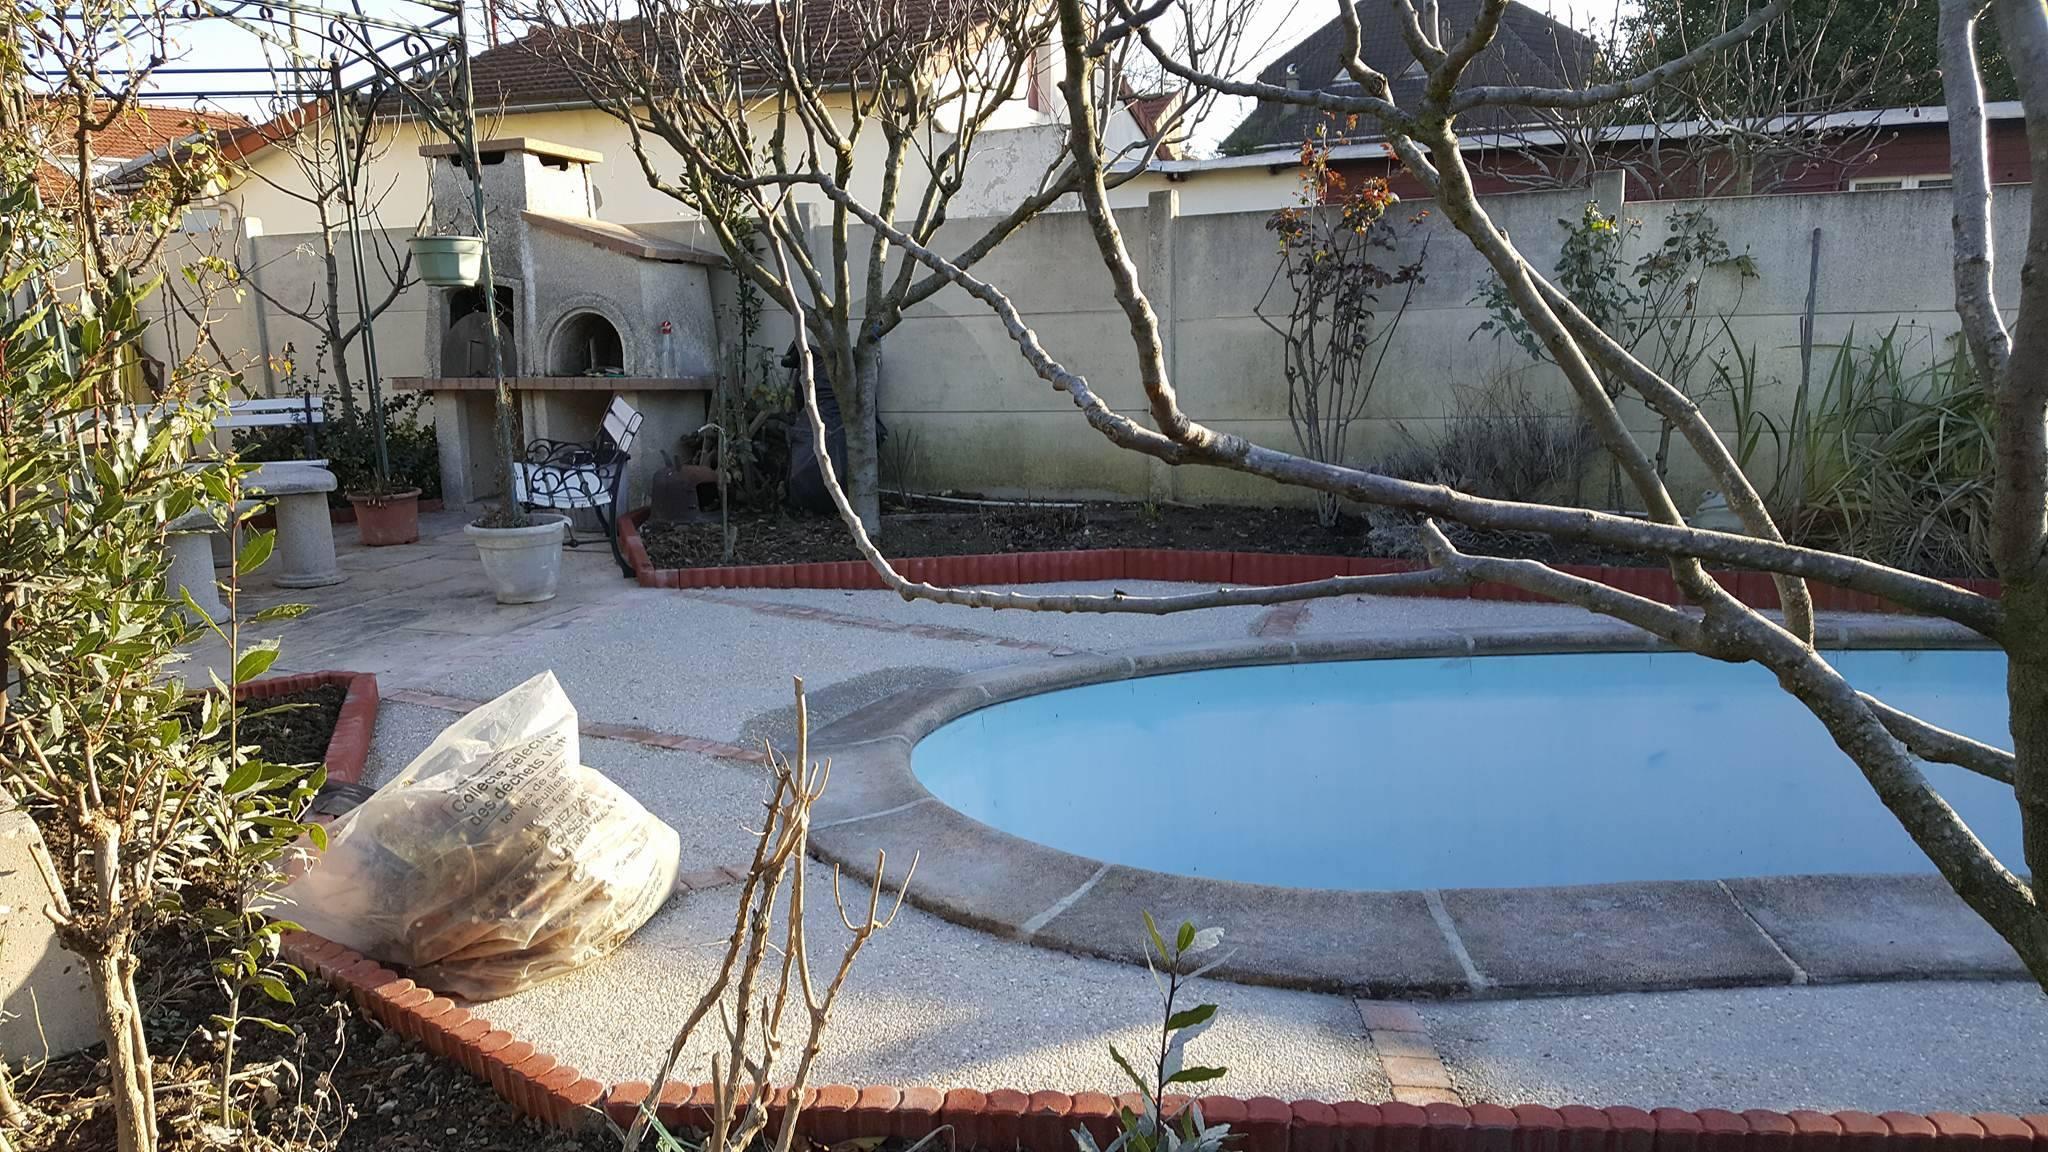 travaux-de-renovation-beton-decoratif-lave-desactive-graviers-galets-demolition-amenagement-exterieur-piscine-4-maghawry-texas-batiment-rge-min